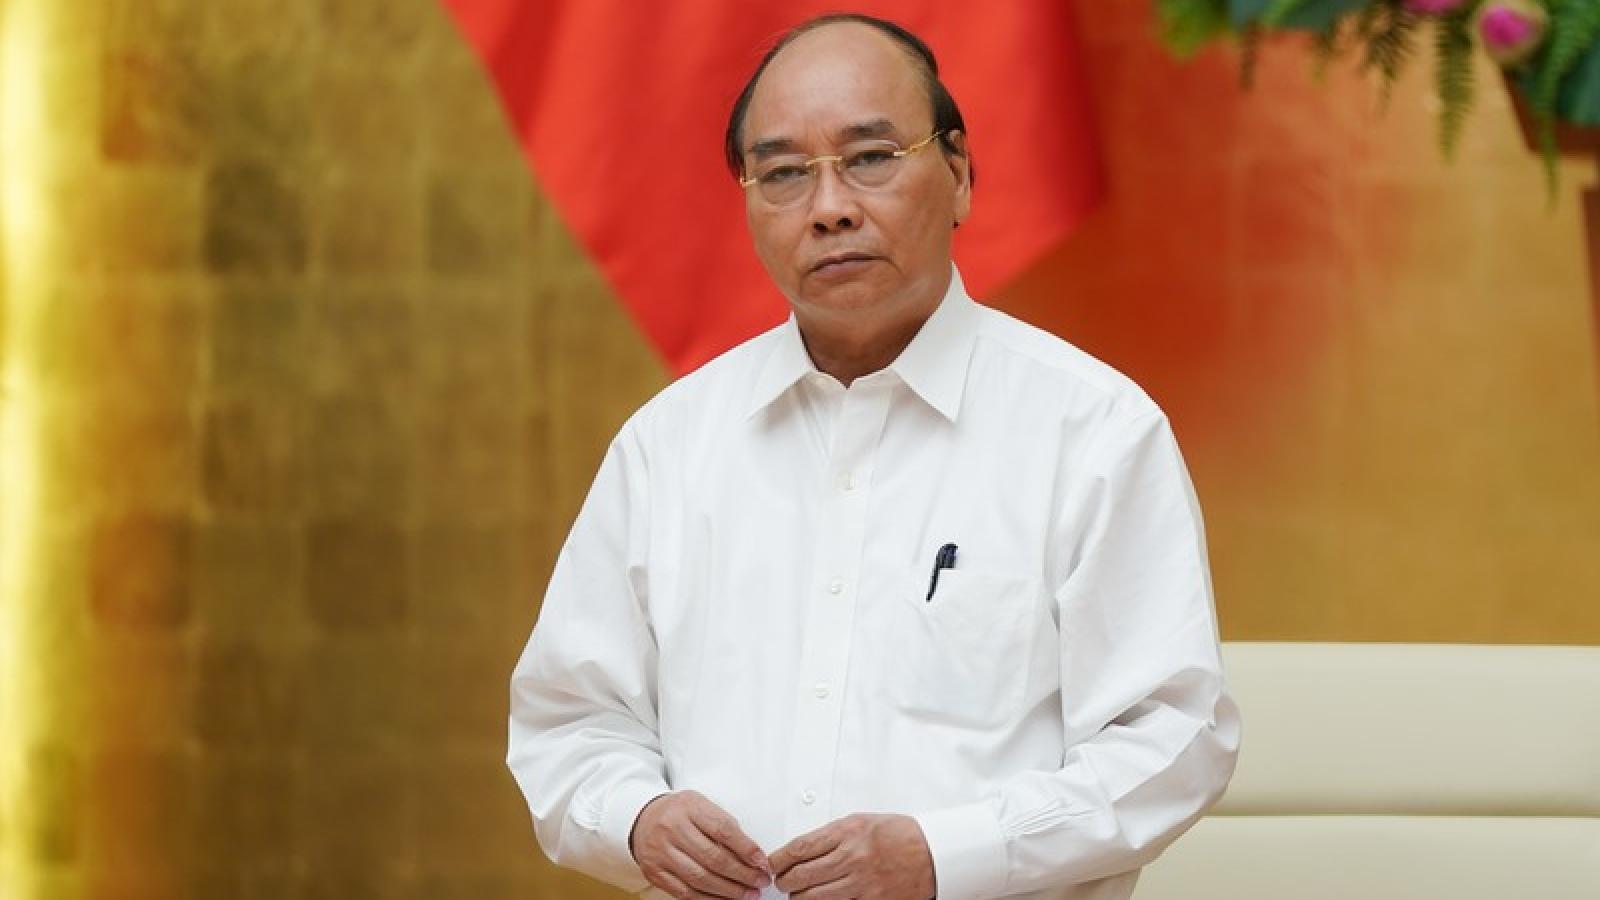 Thủ tướng chỉ đạo Đà Nẵng quyết liệt phòng chống dịch Covid-19